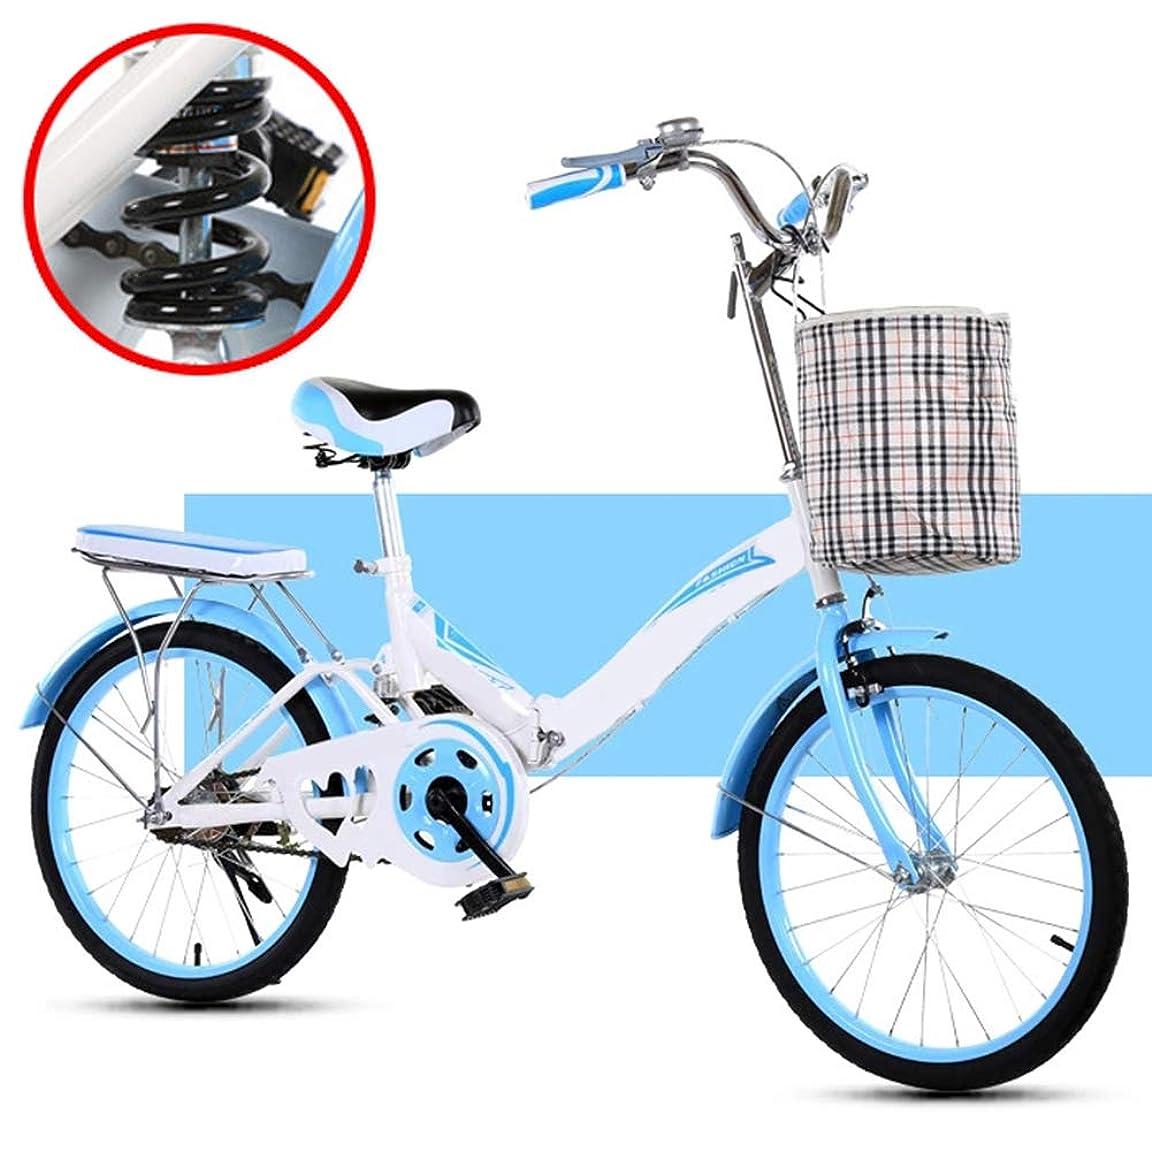 インク会員シャー20インチホイール自転車サイクル折りたたみ自転車折りたたみ自転車ポータブル軽量折りたたみ自転車大人学生子供